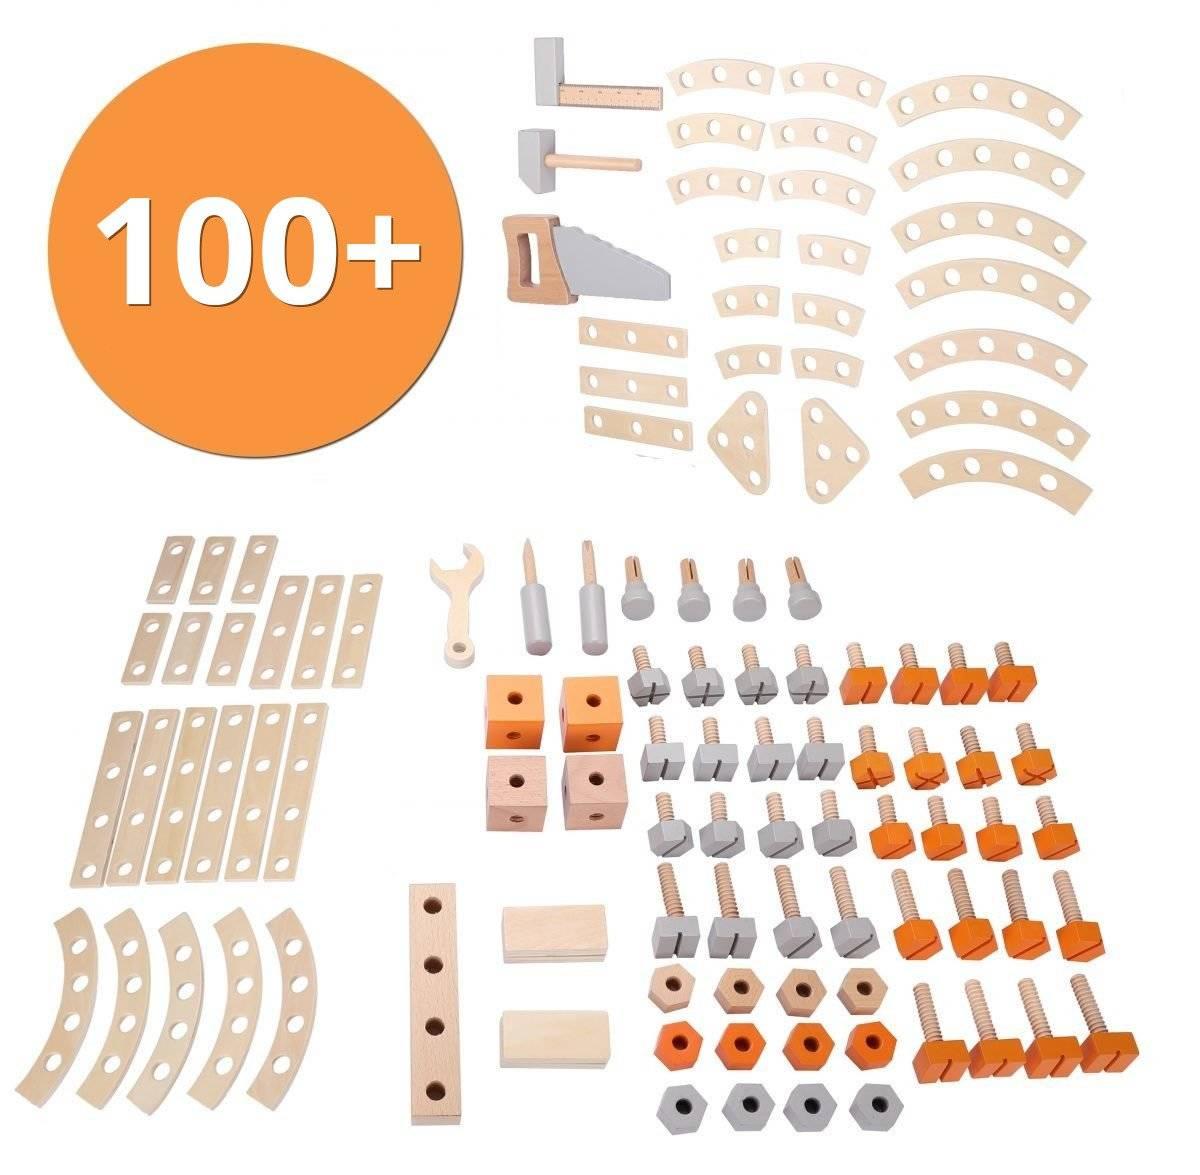 Duży drewniany warsztat - ponad 100 elementów! Ruchoma piła!